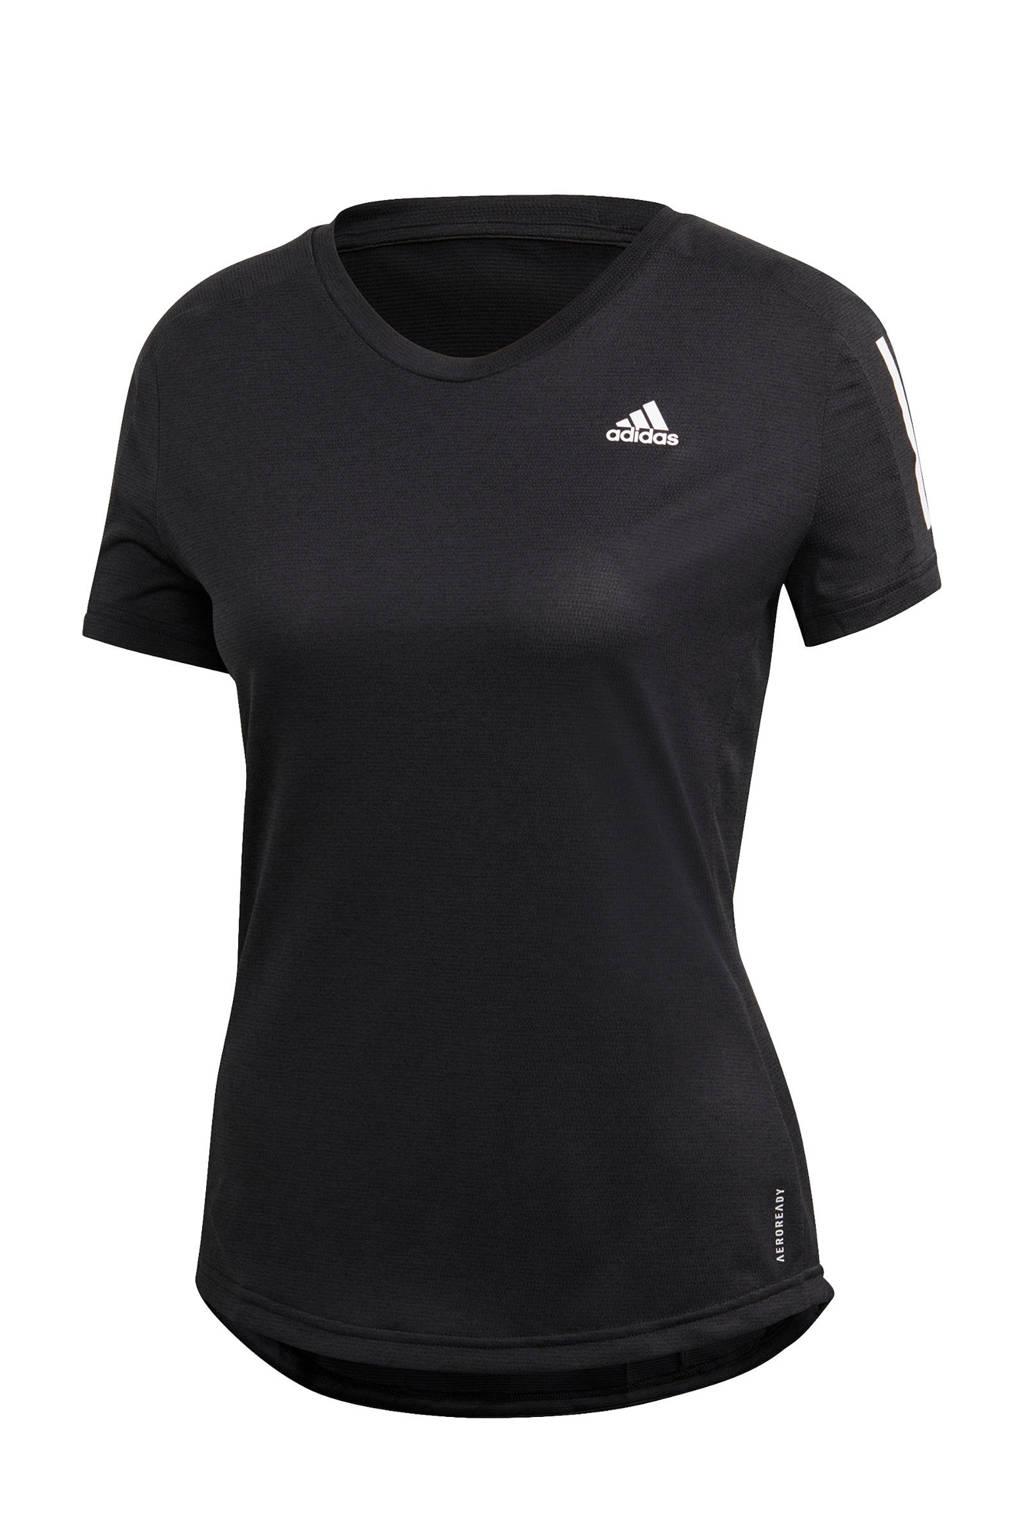 adidas Performance hardloopshirt zwart, Zwart, Dames